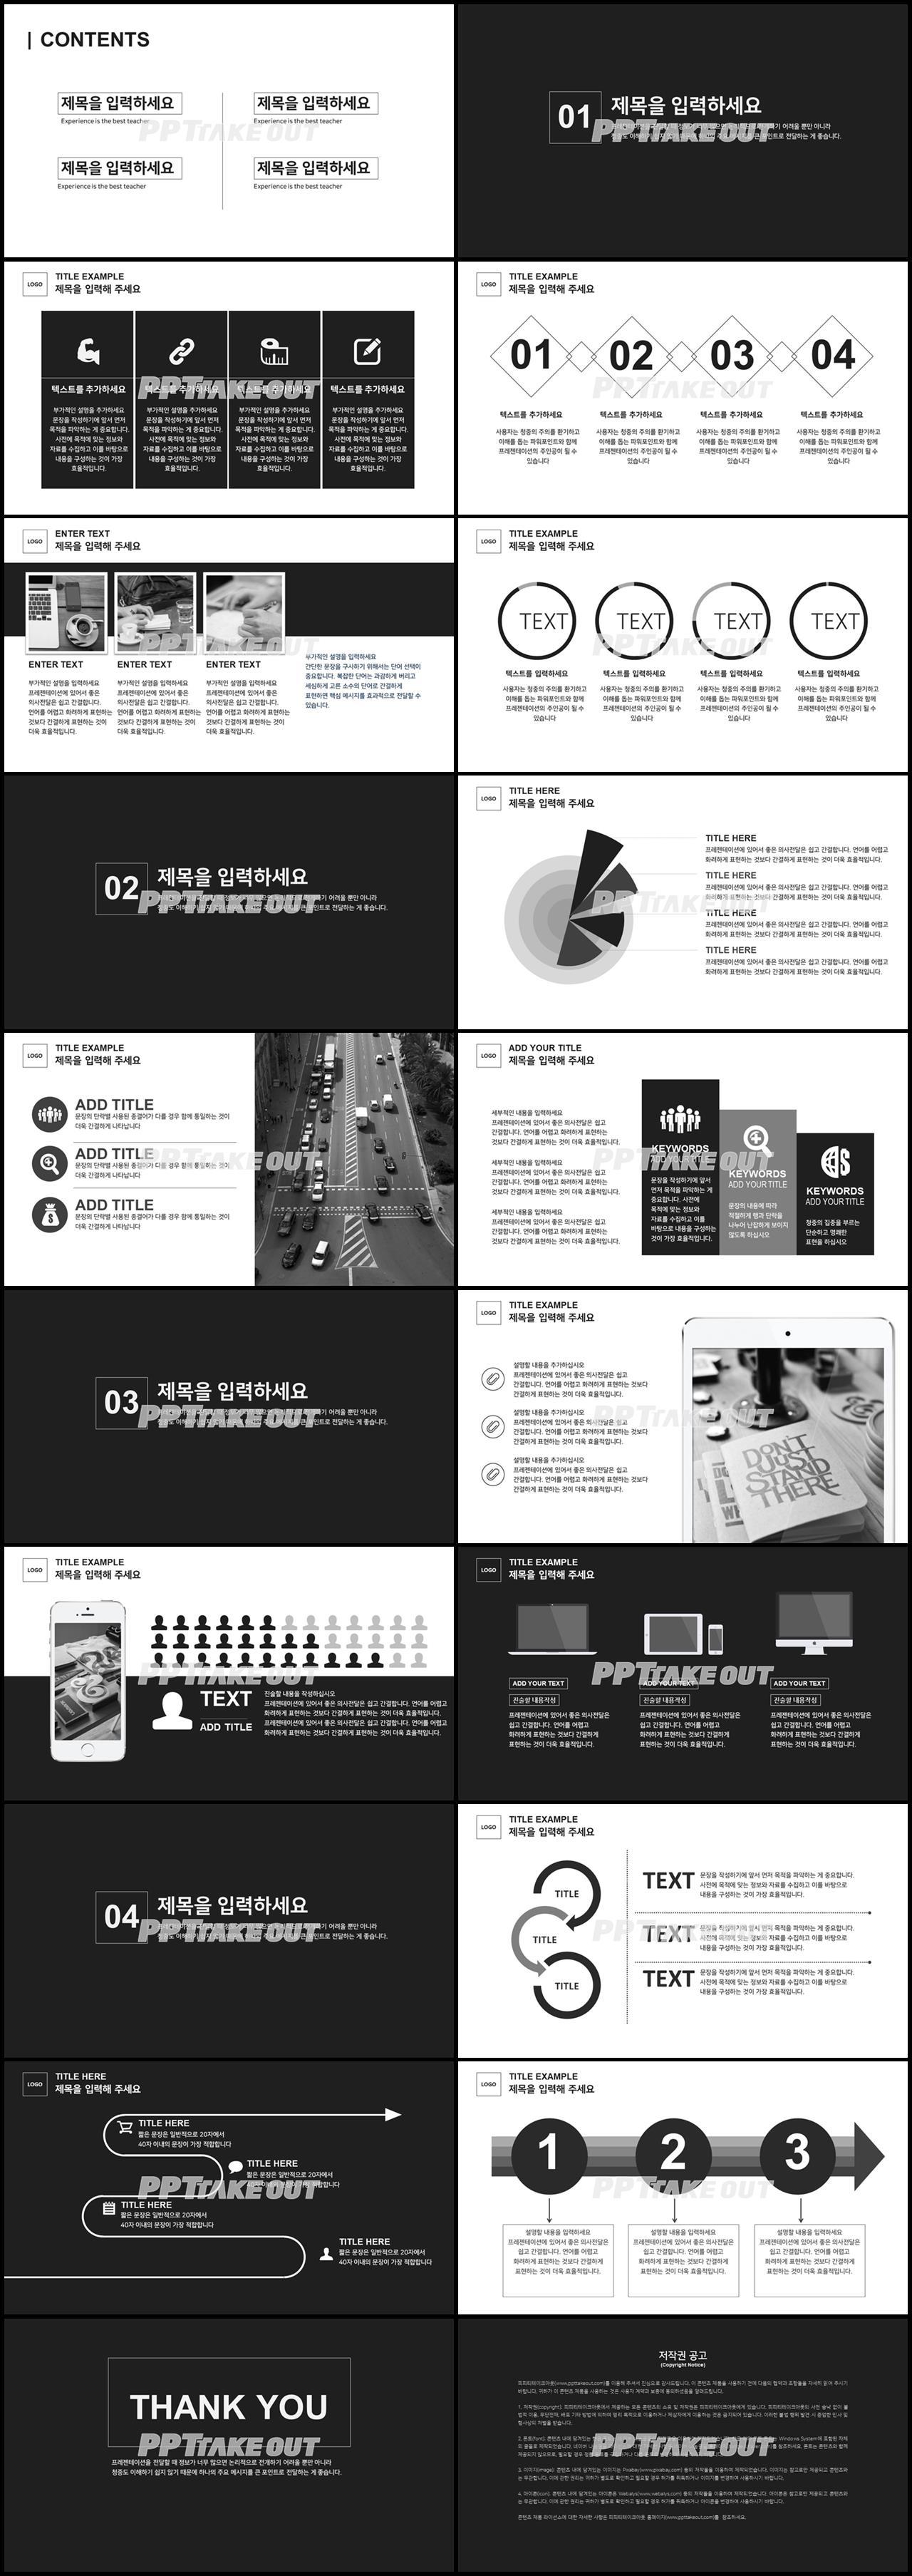 사업융자 블랙 짙은 고퀄리티 파워포인트양식 제작 상세보기